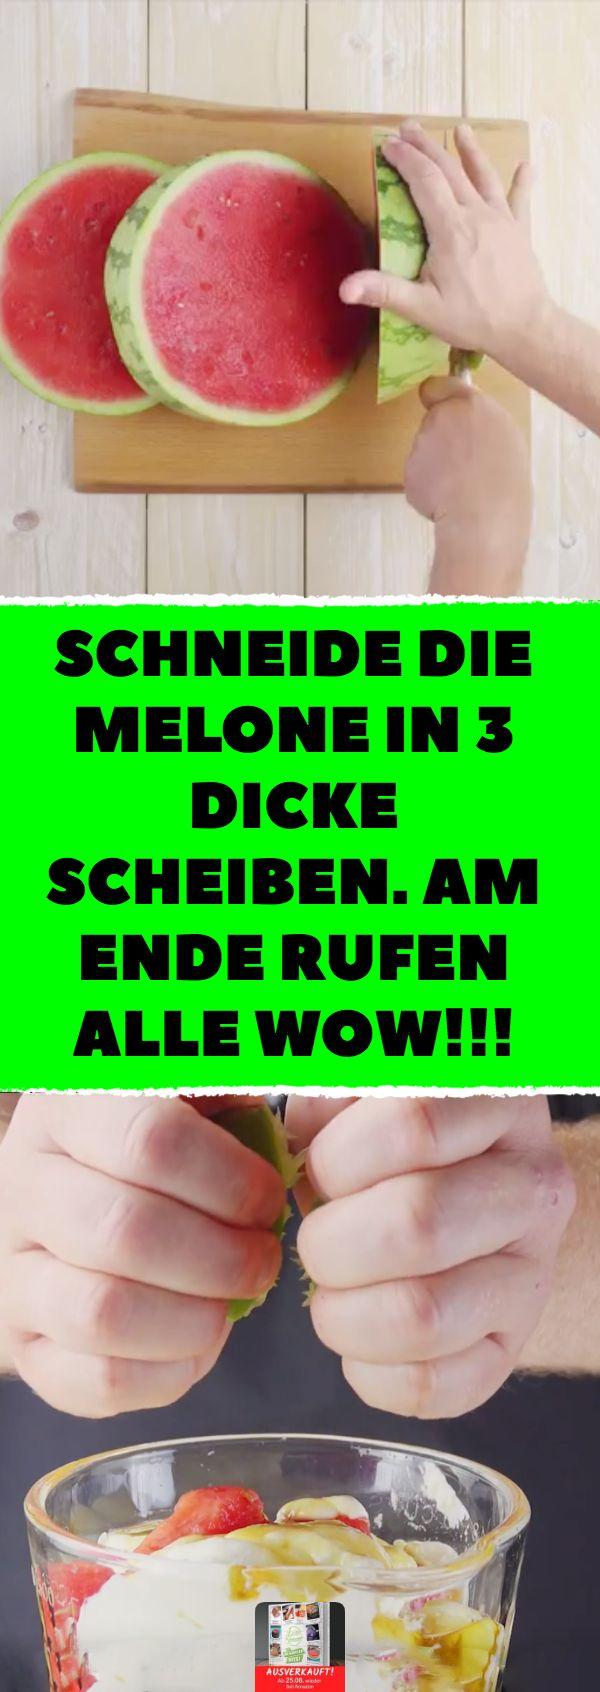 Schneide die Melone in 3 dicke Scheiben. Am Ende rufen alle WOW!!! Selbstgemacht… – Leckerschmecker